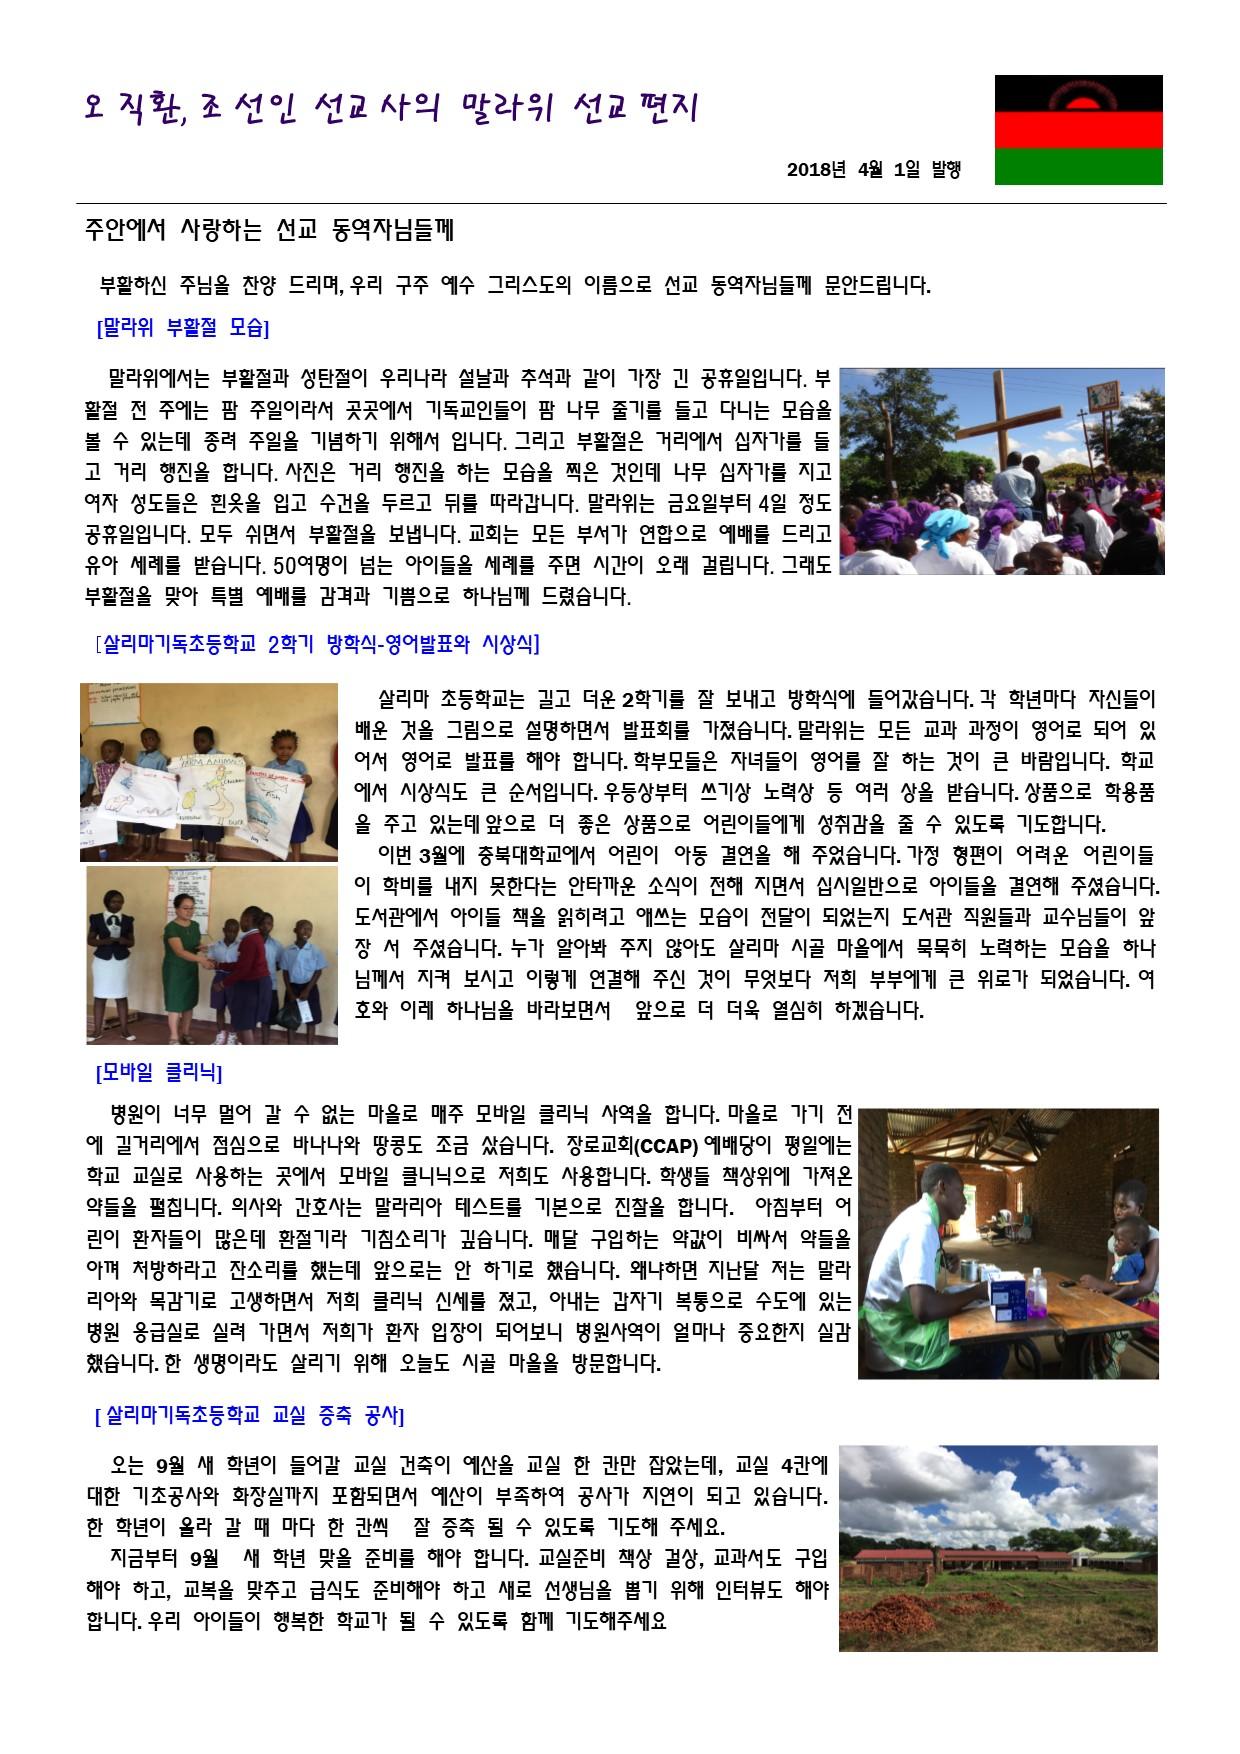 01_말라위 선교편지(2018년 04월).jpg